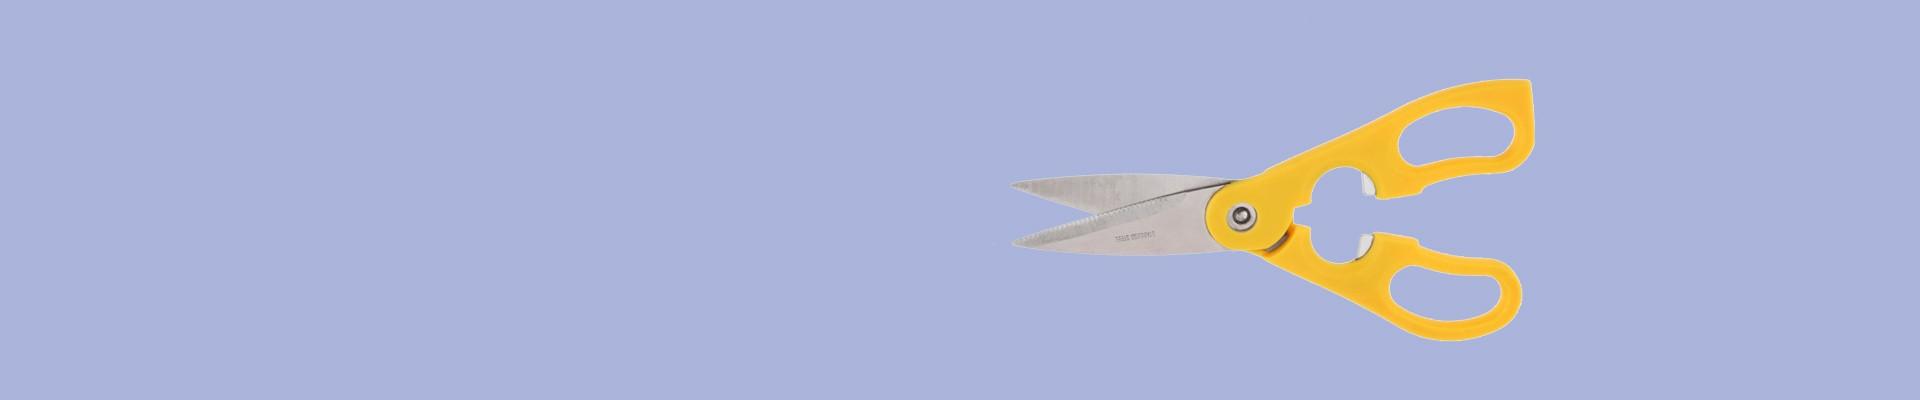 Jual Gunting Dapur - Harga Grosir